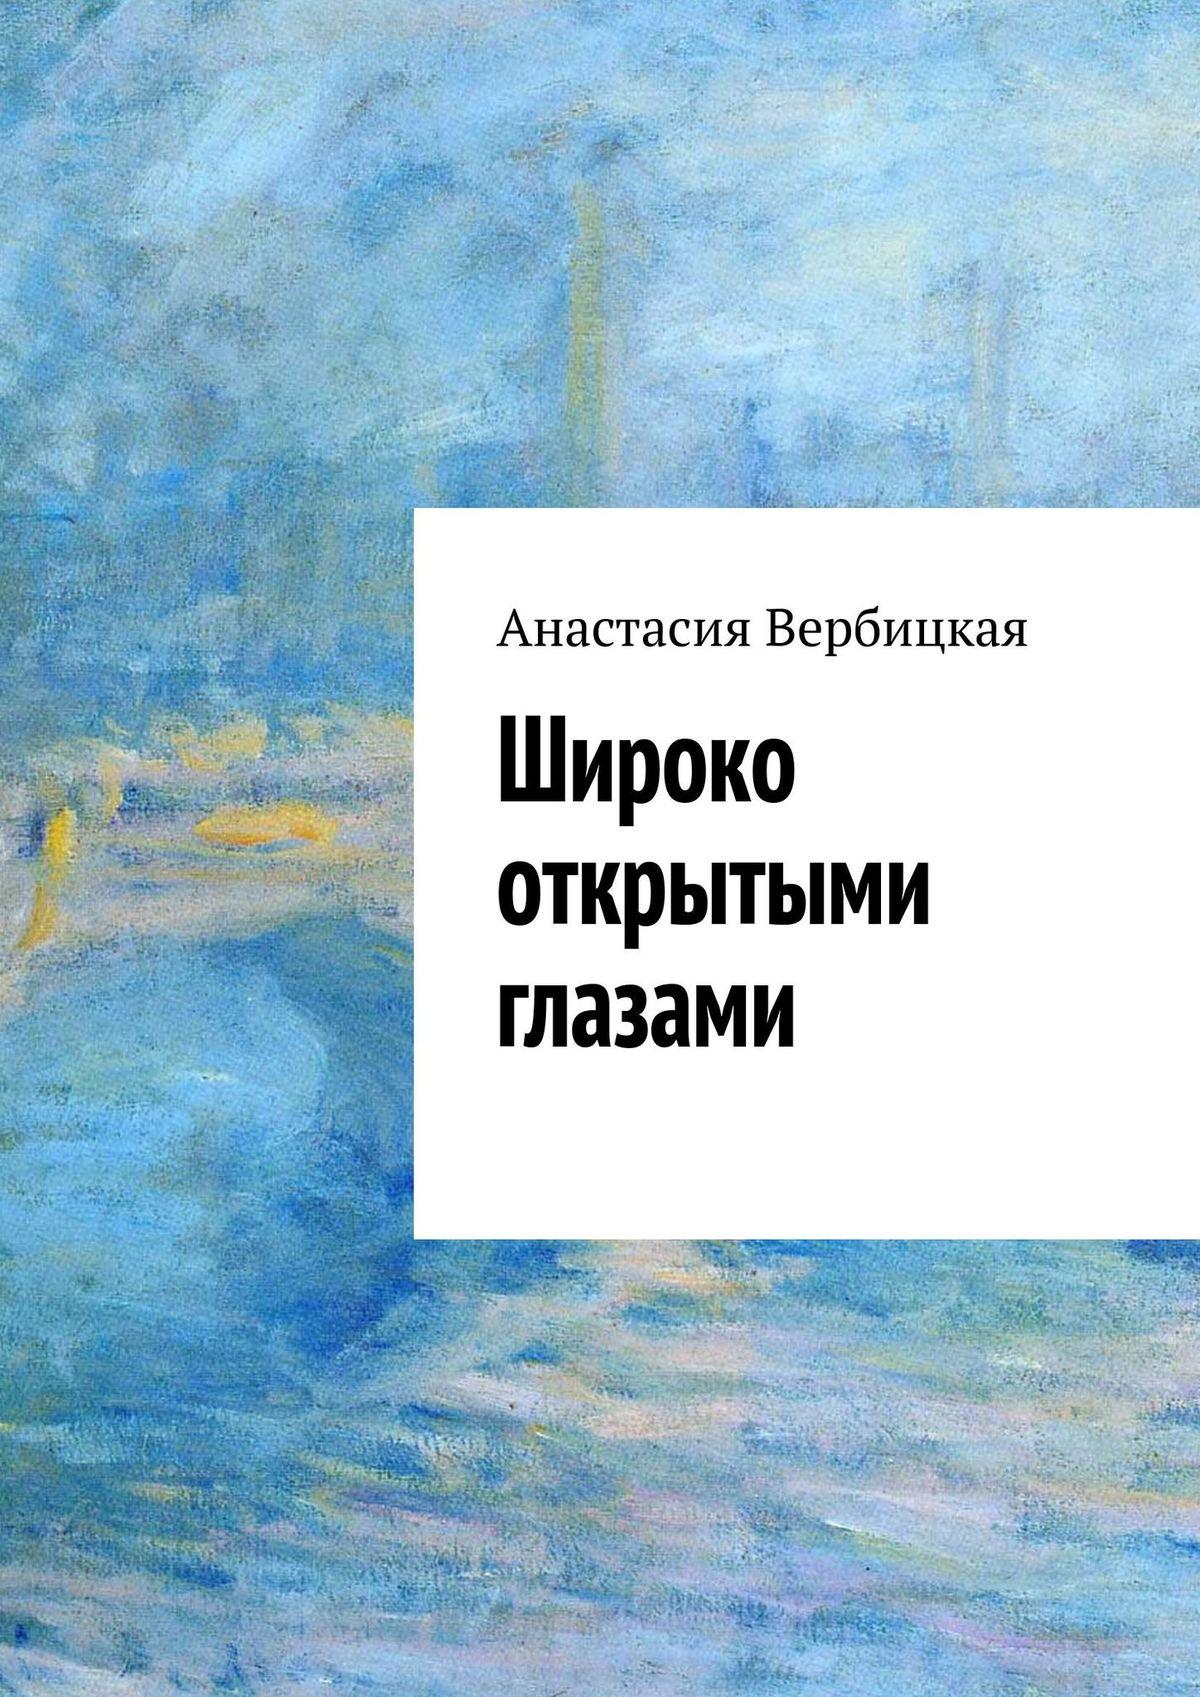 Анастасия Вербицкая Широко открытыми глазами анастасия вербицкая дух времени